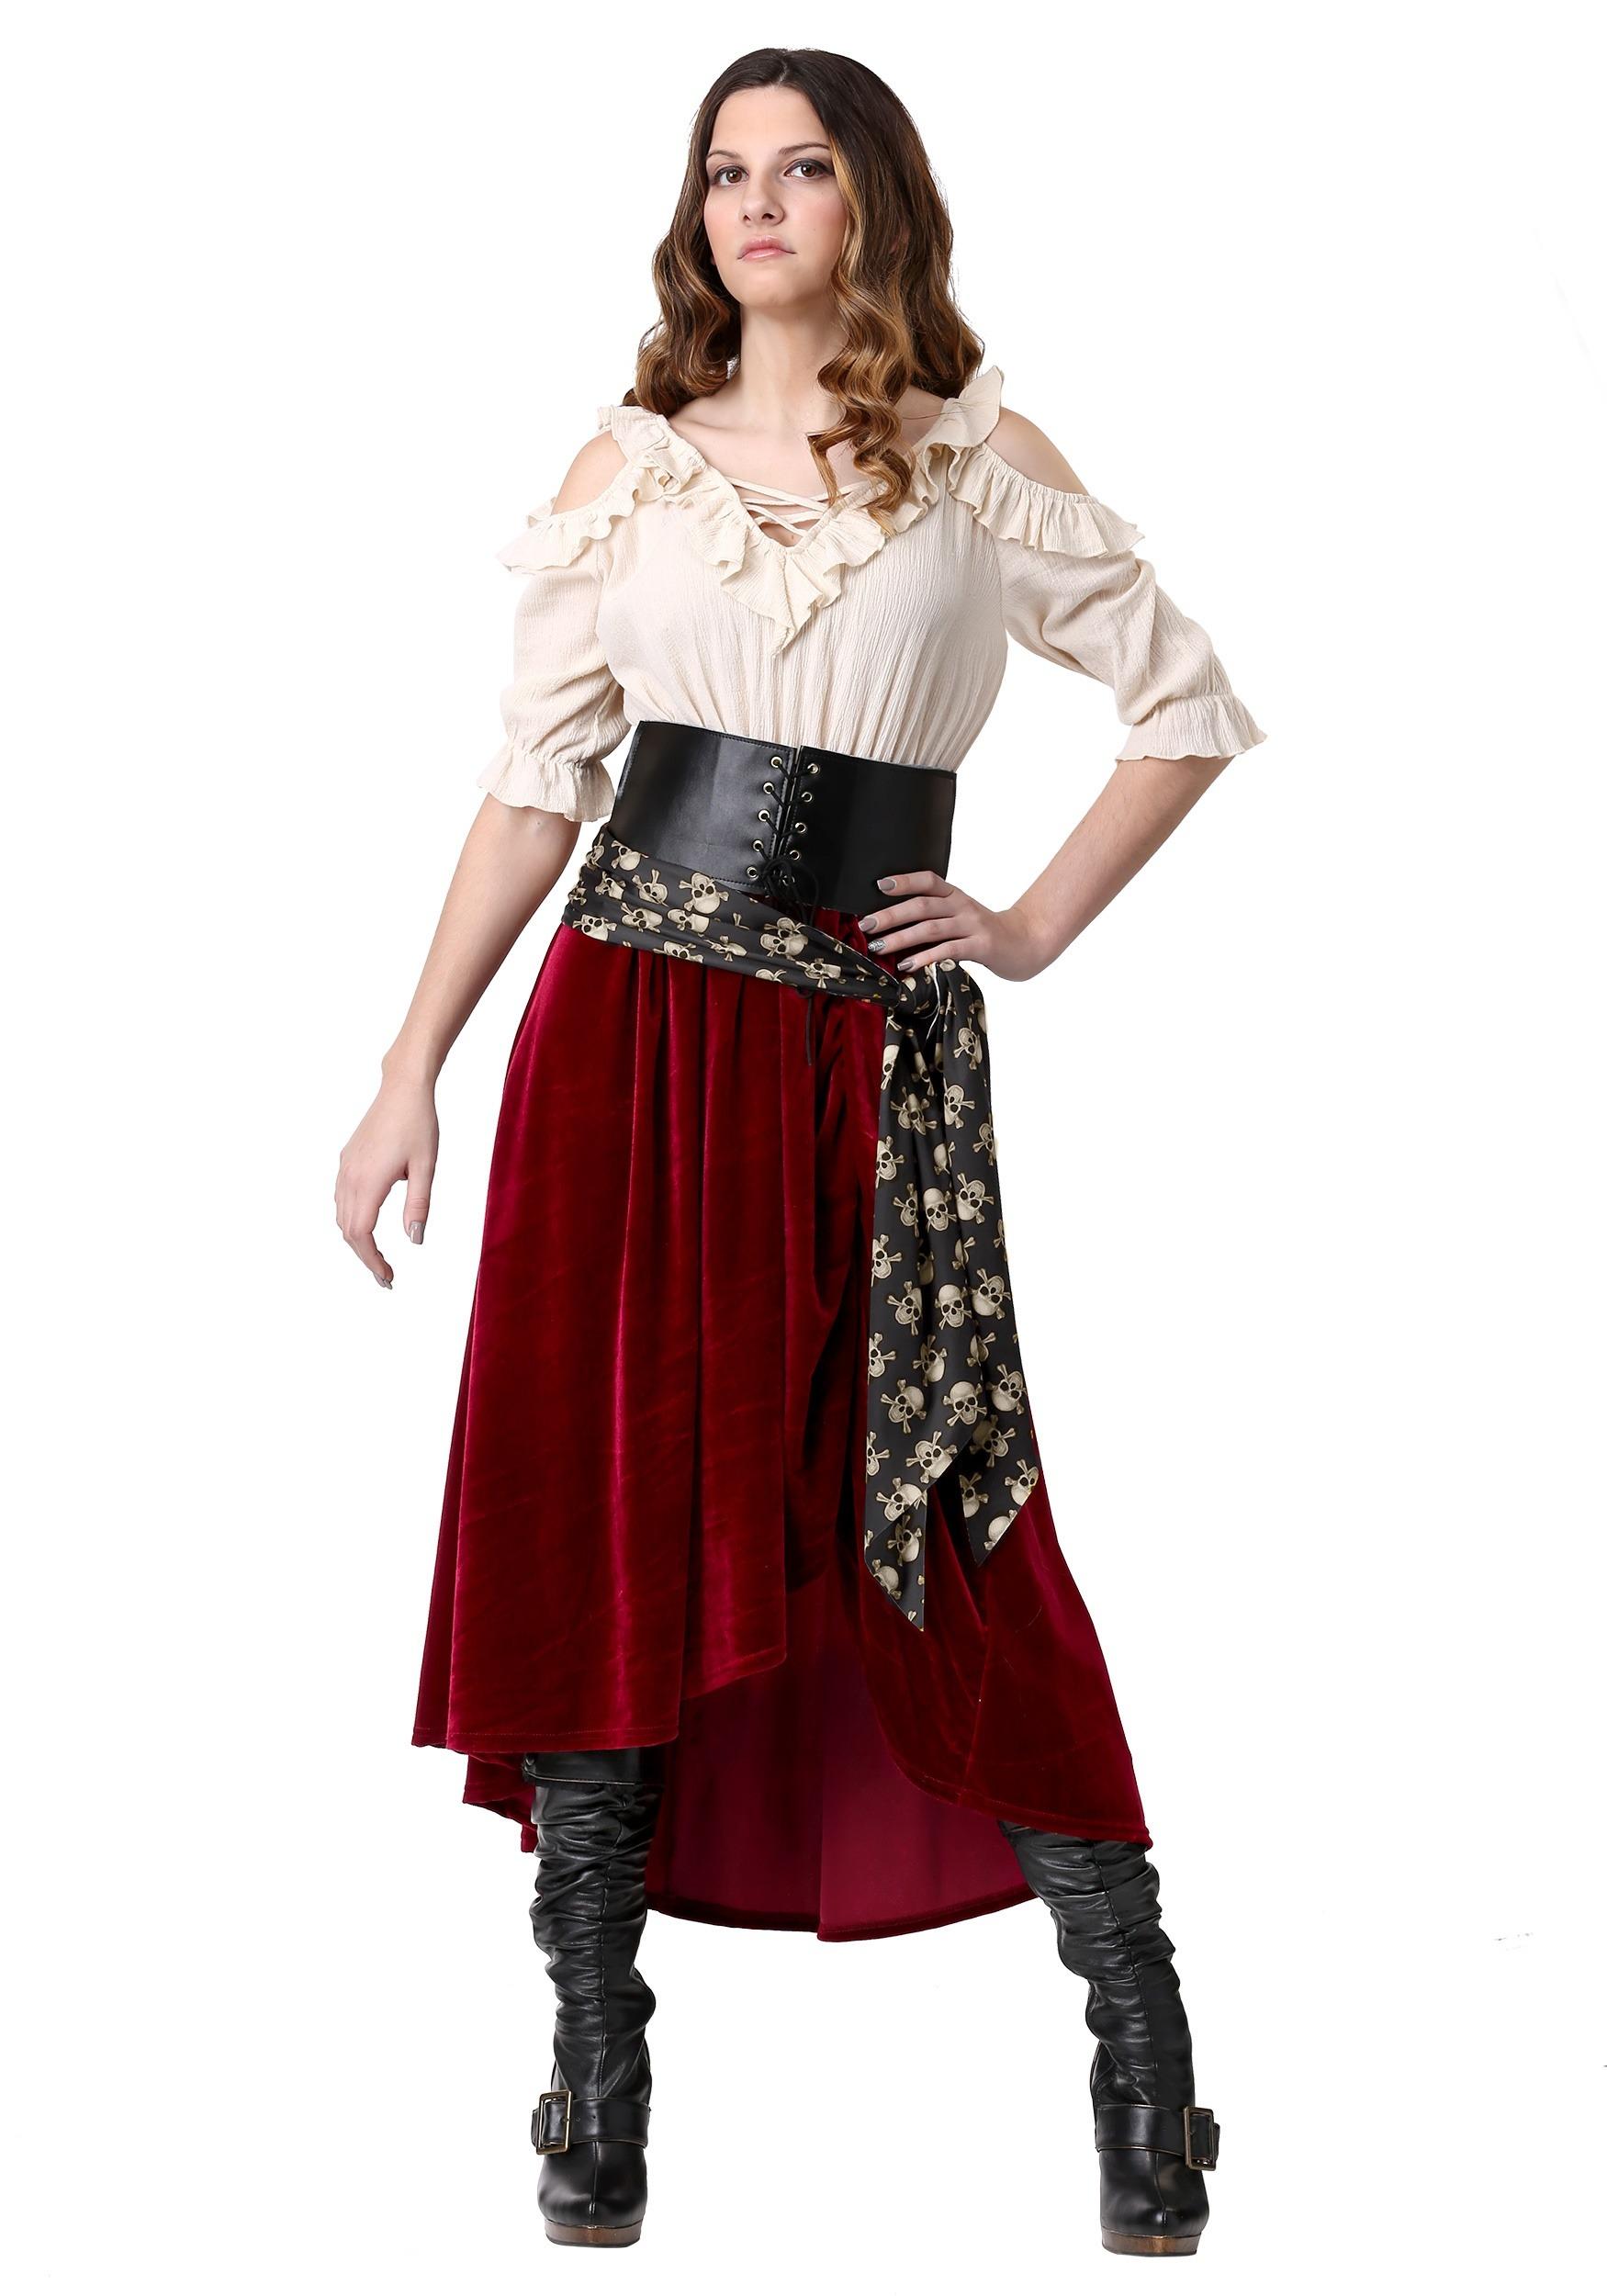 Roving Buccaneer Women's Costume